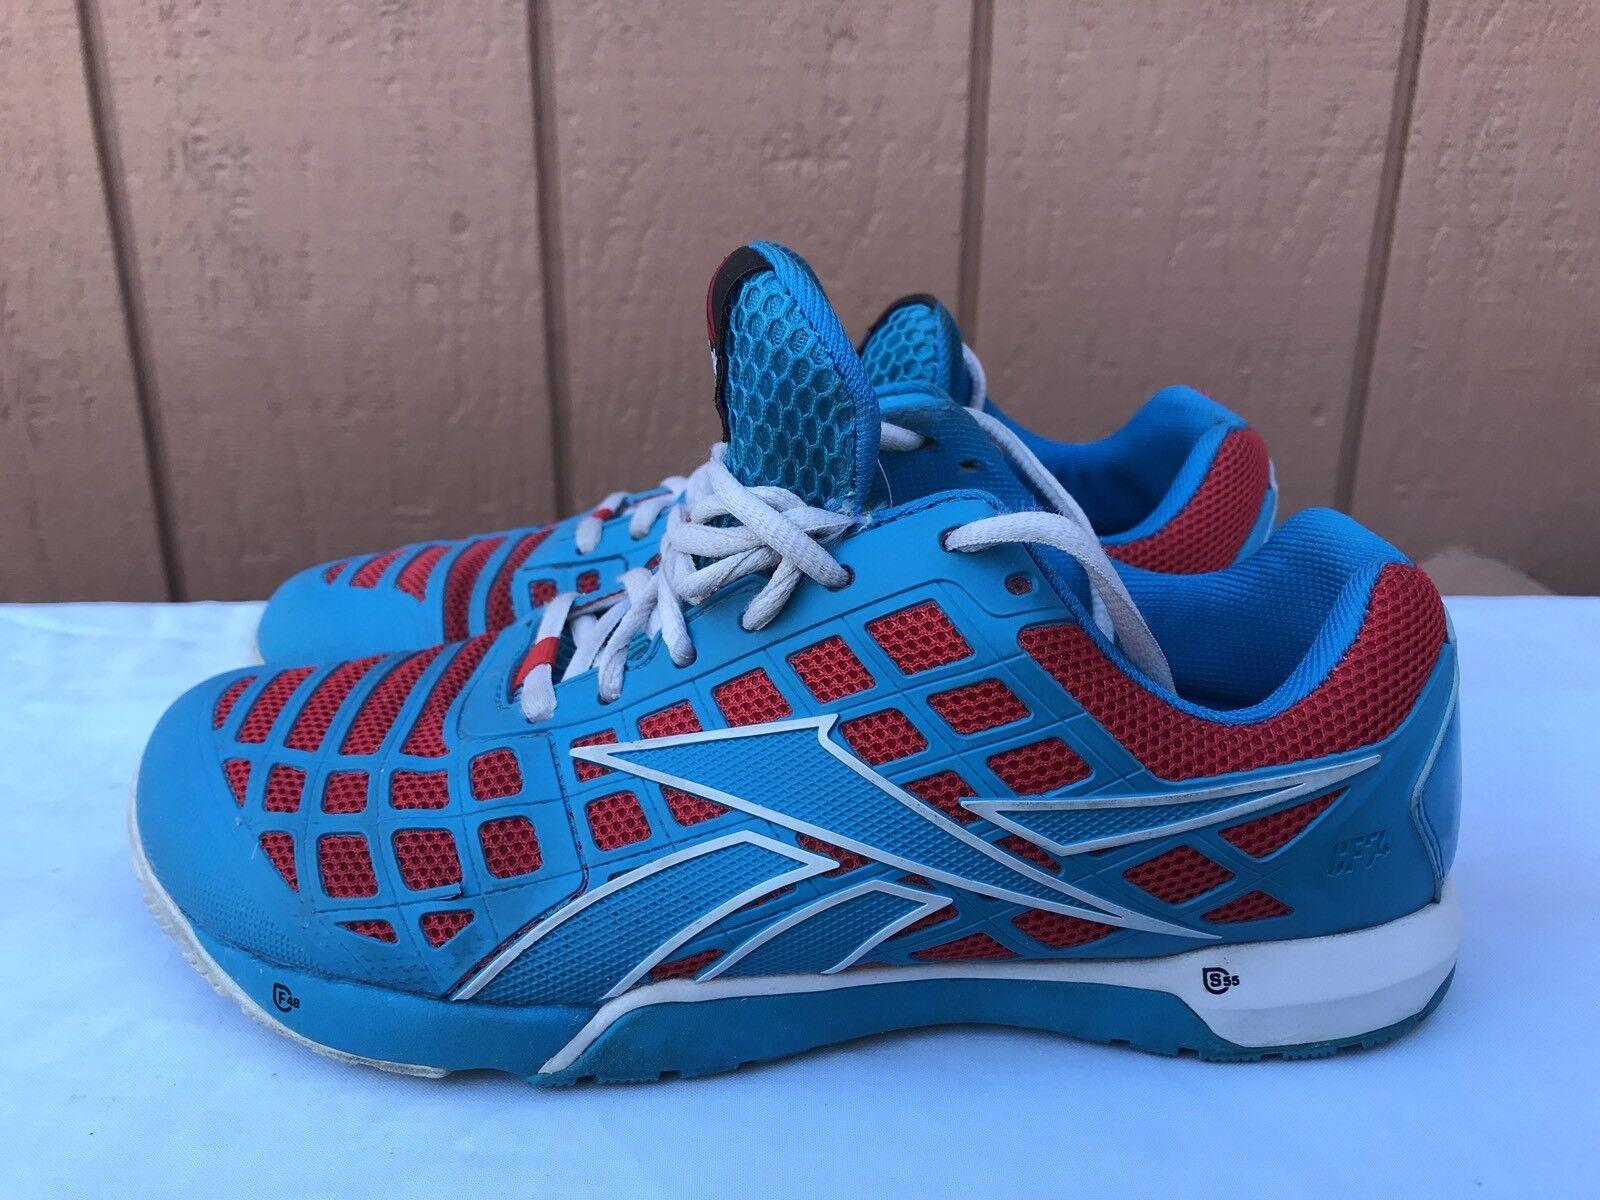 EUC Women's 3.0 REEBOK CROSSFIT CF74 NANO 3.0 Women's Blue Red US 8.5 Training Shoes A2 d1e949